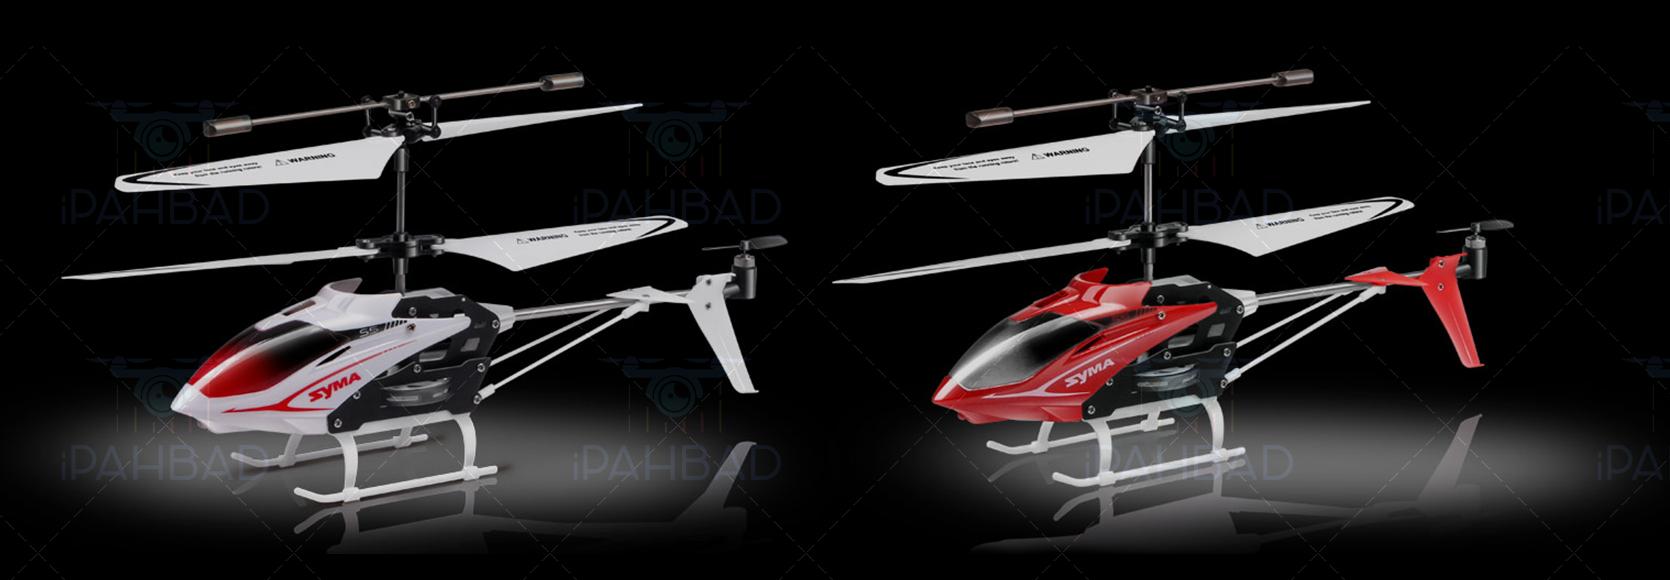 قیمت خرید هلیکوپتر کنترلی سایما Syma S5 Speed از فروشگاه اینترنتی آی پهباد ، خرید هلیکوپتر کنترلی سیما مدل S5 Speed ، قیمت هلیکوپتر کنترلی سایما اس 5 اسپید ، هلیکوپتر کنترلی سیما اس 5